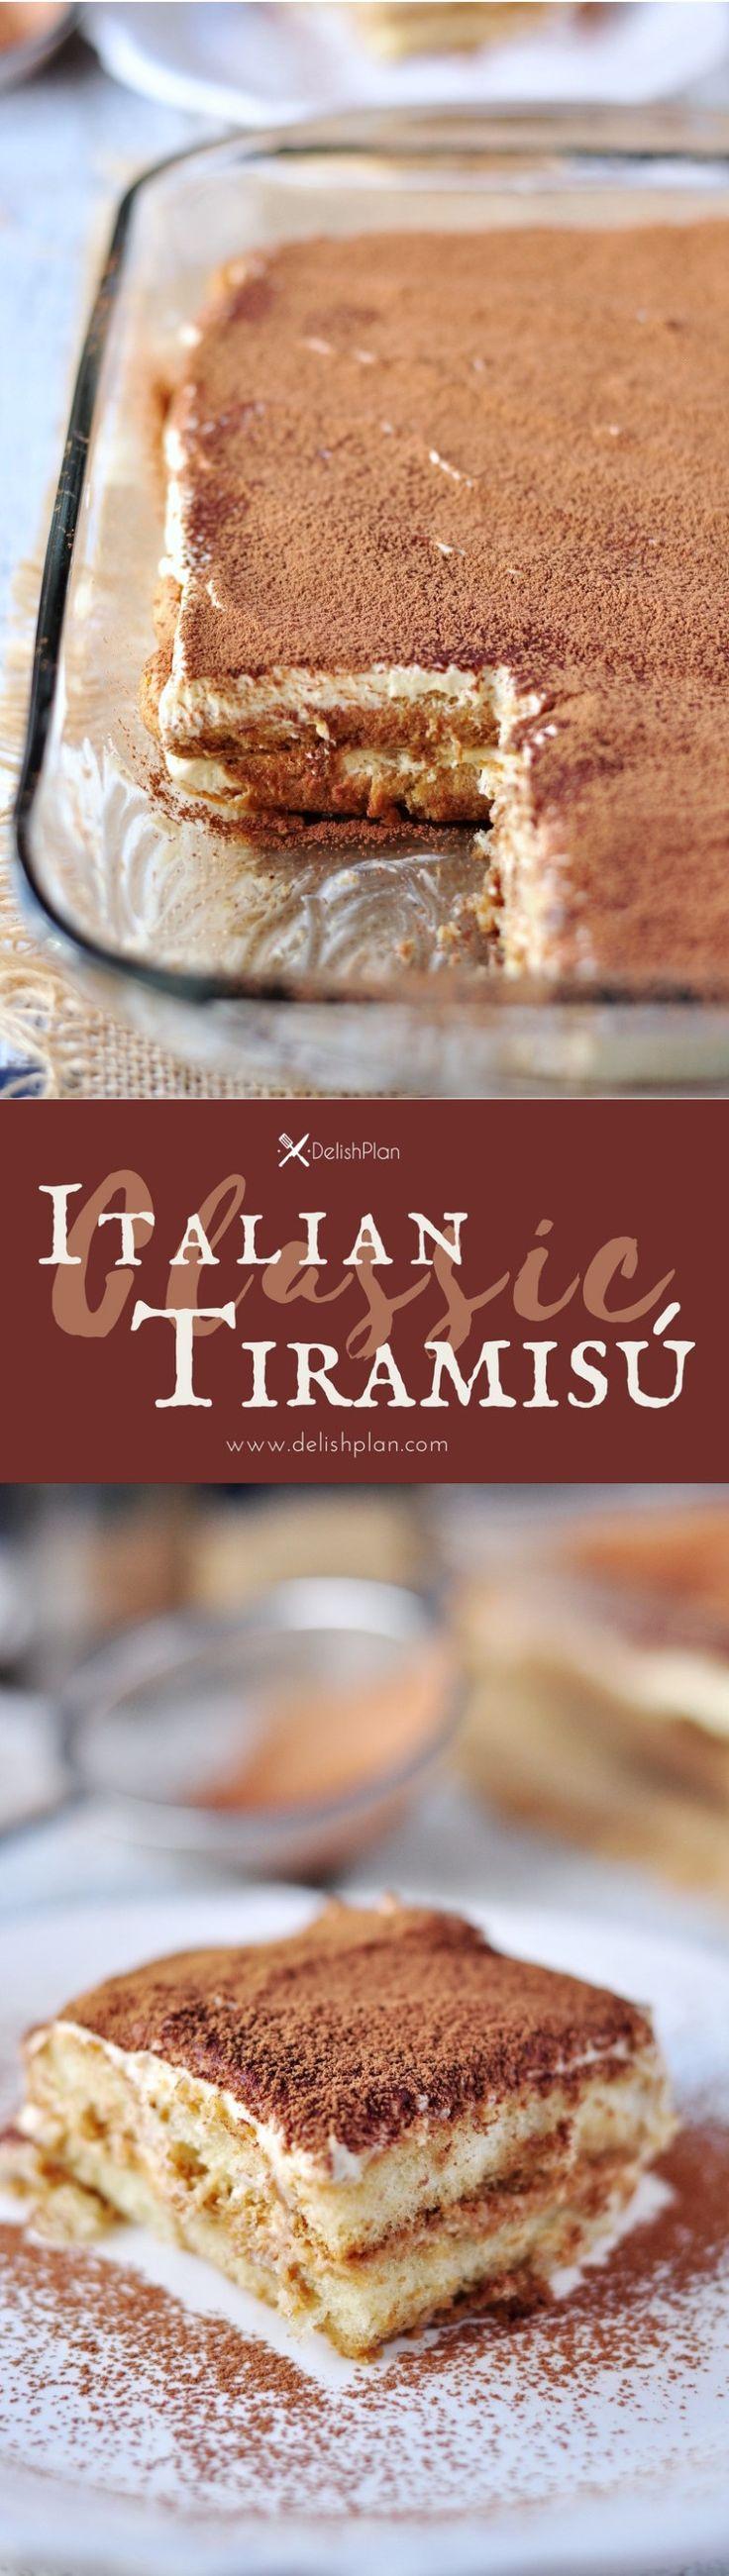 Classic Italian Tiramisu                                                                                                                                                                                 More